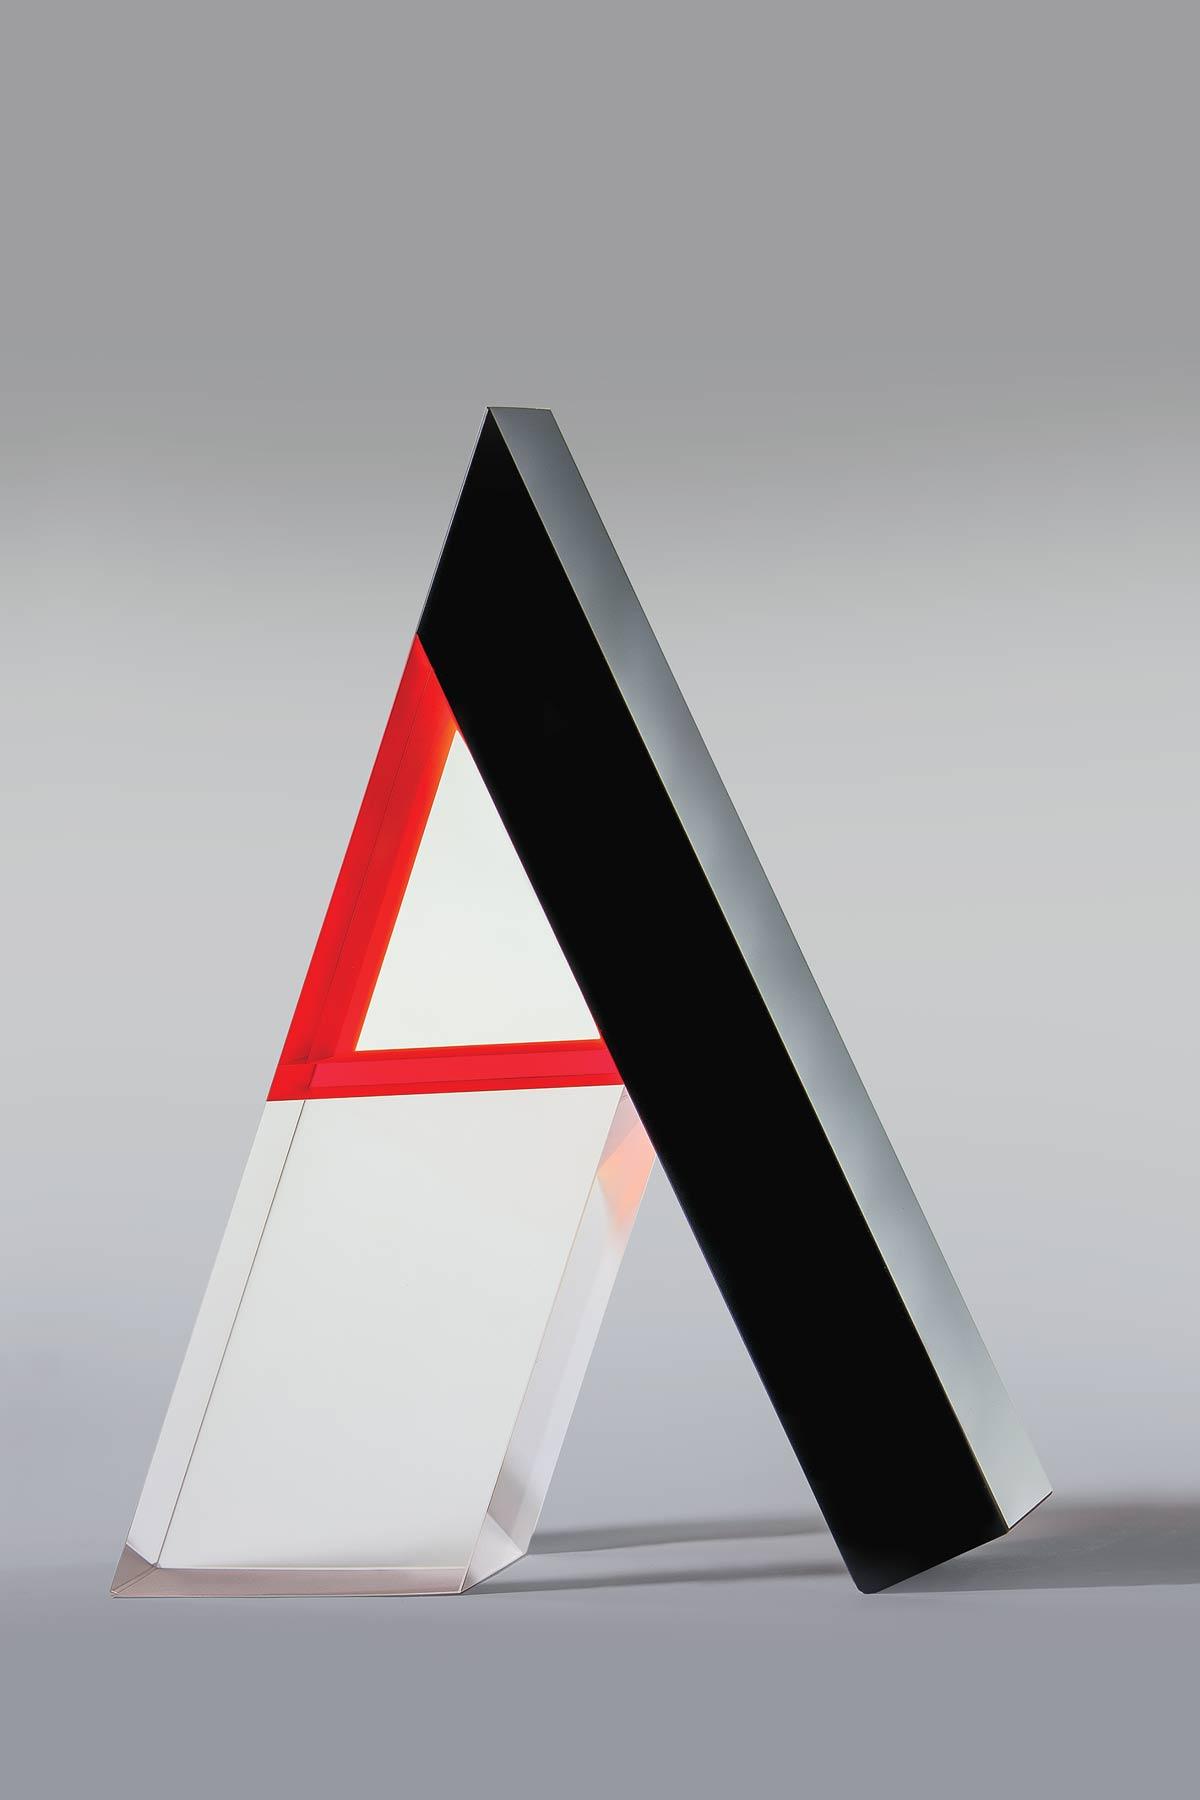 Háromszög feketével és vérnaraccsal - Peter Botos